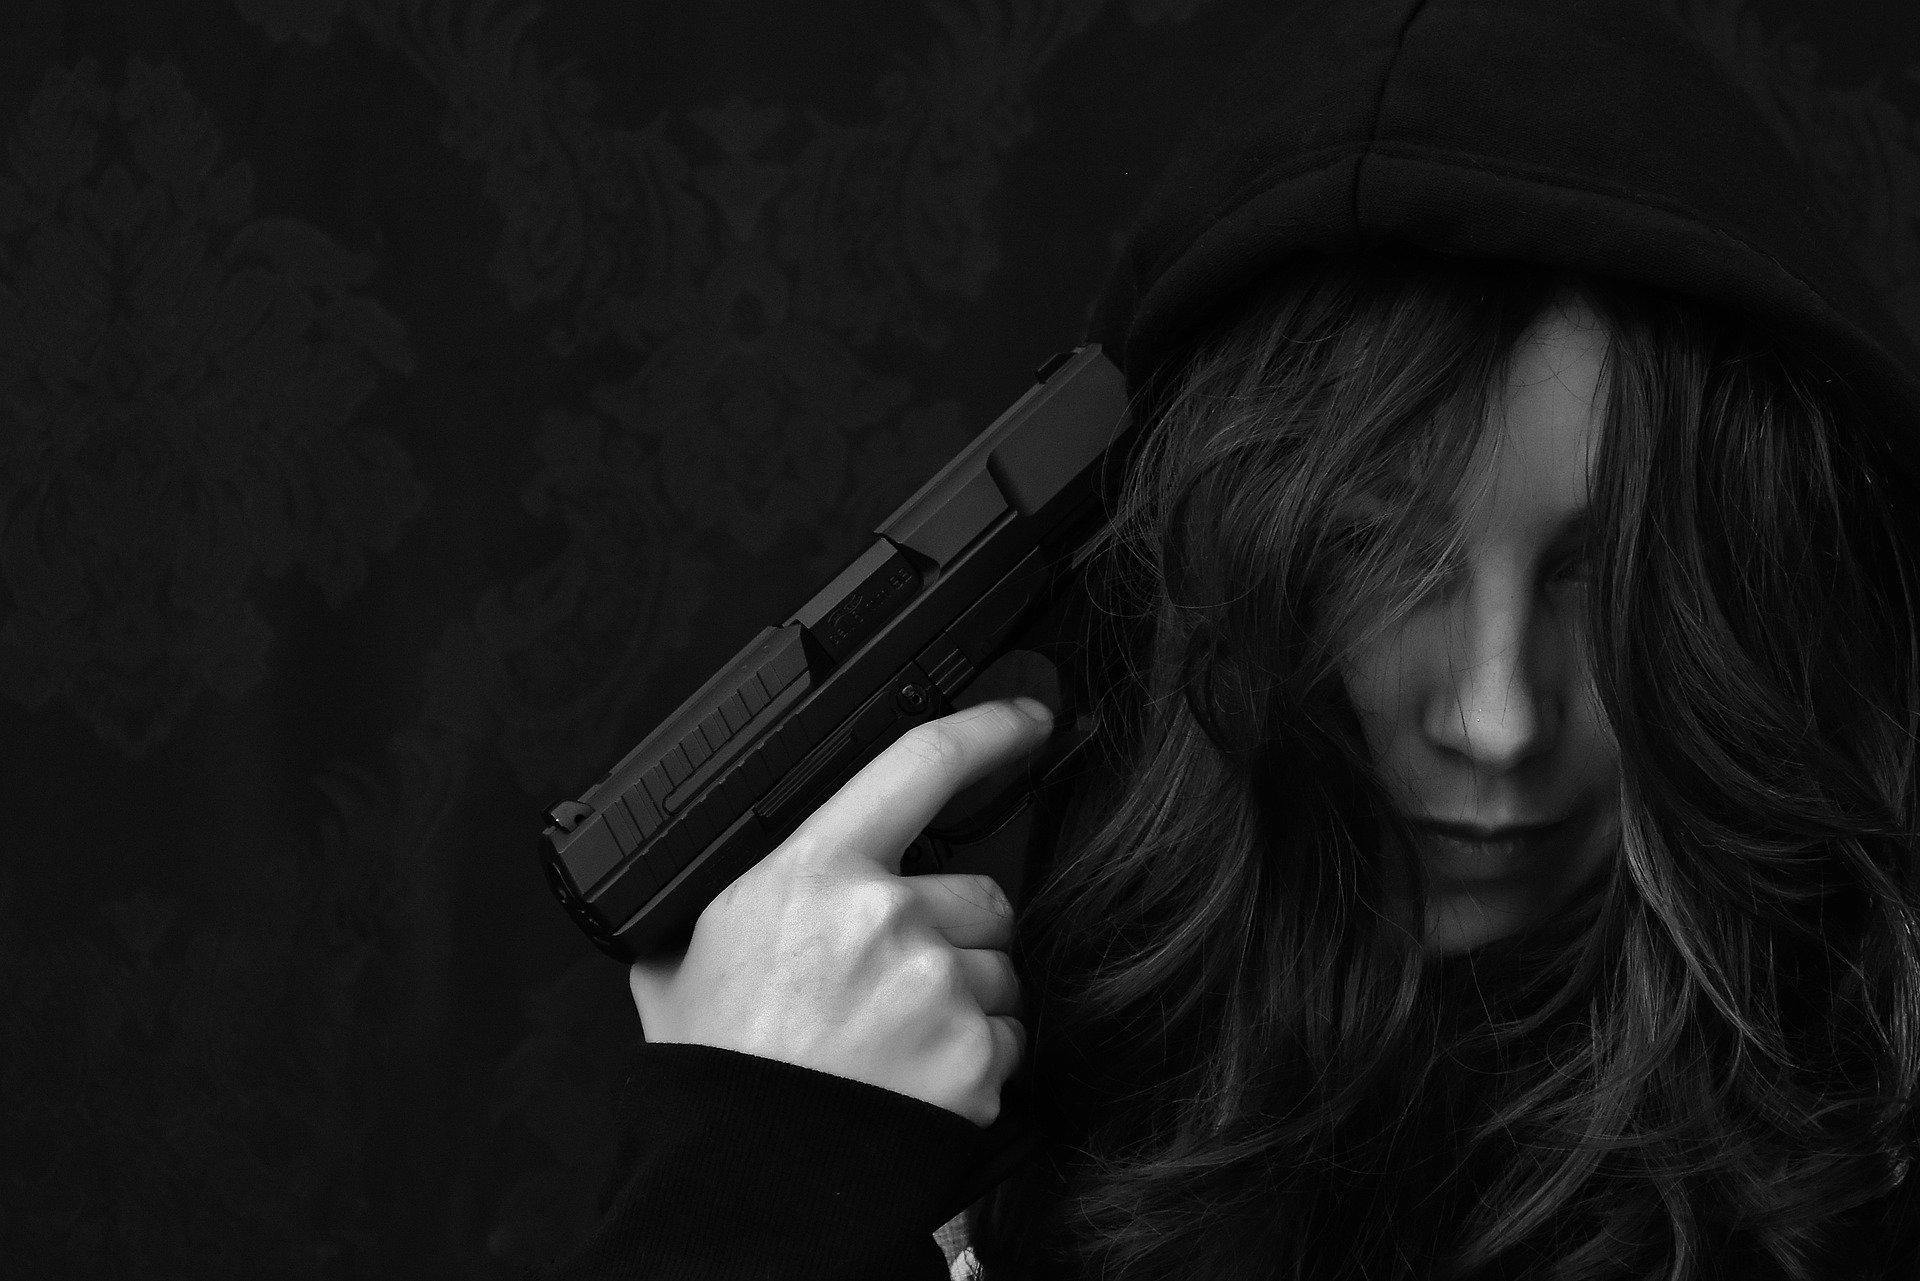 Przestępczość nieletnich to duży problem rozpoczynający się często na etapie wychowania.